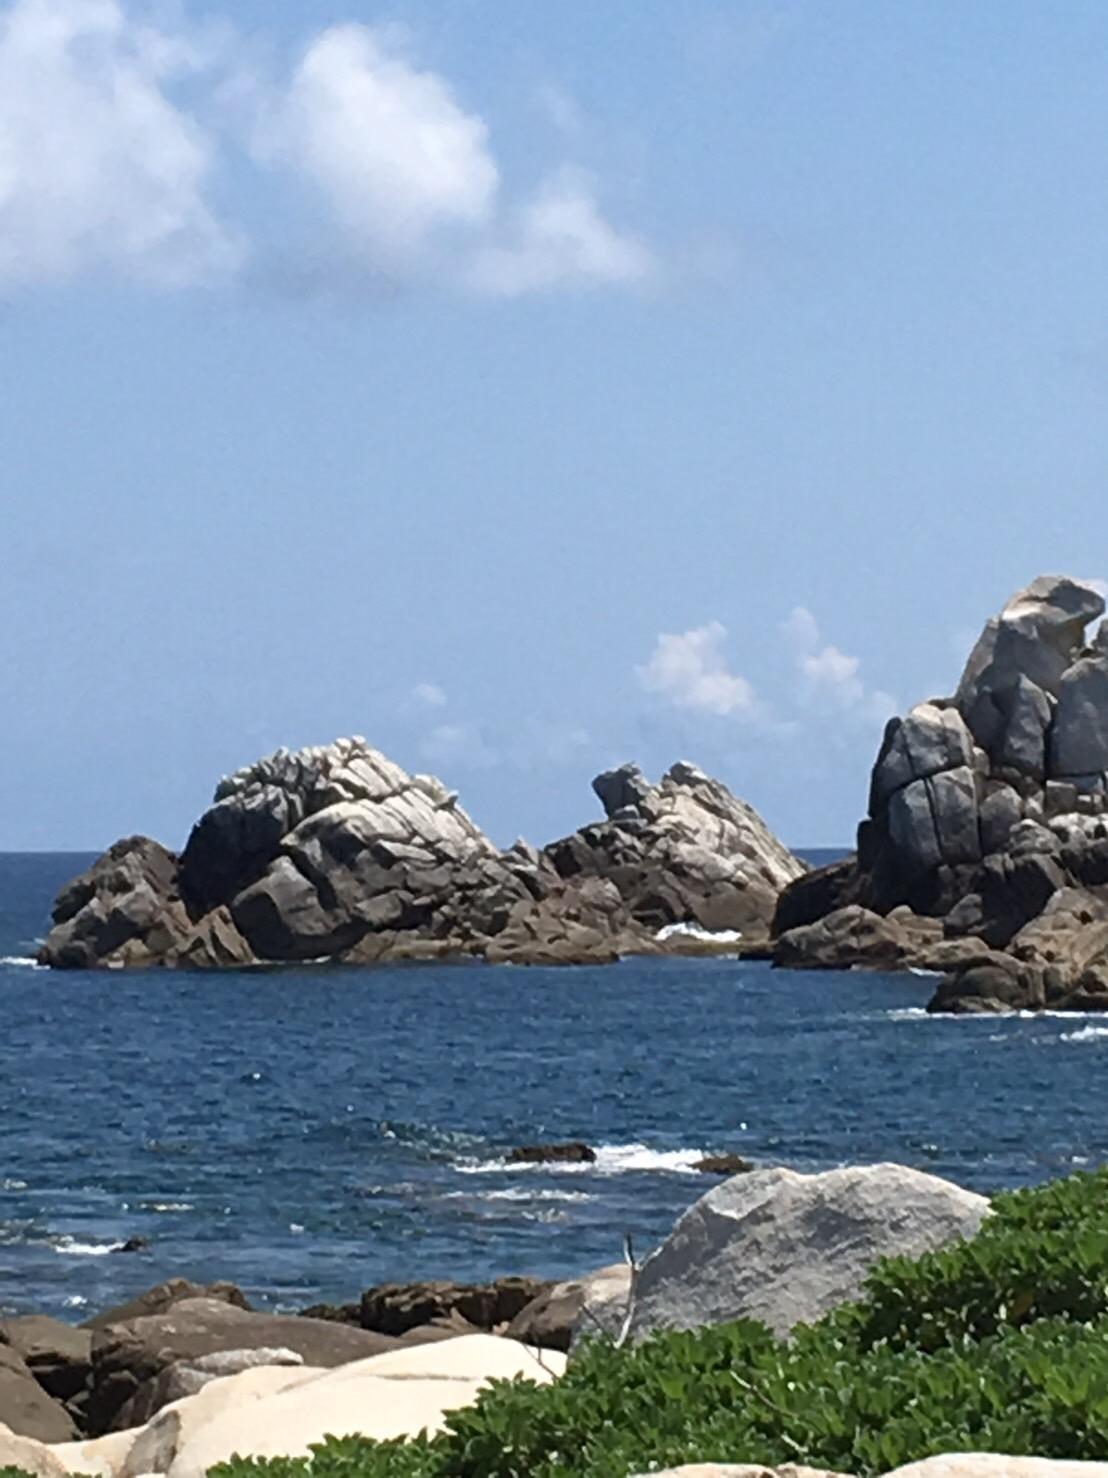 ムシロ瀬の釣り場紹介、鹿児島徳之島南国でロックフィッシュ狙いとショアキャスティングの地磯